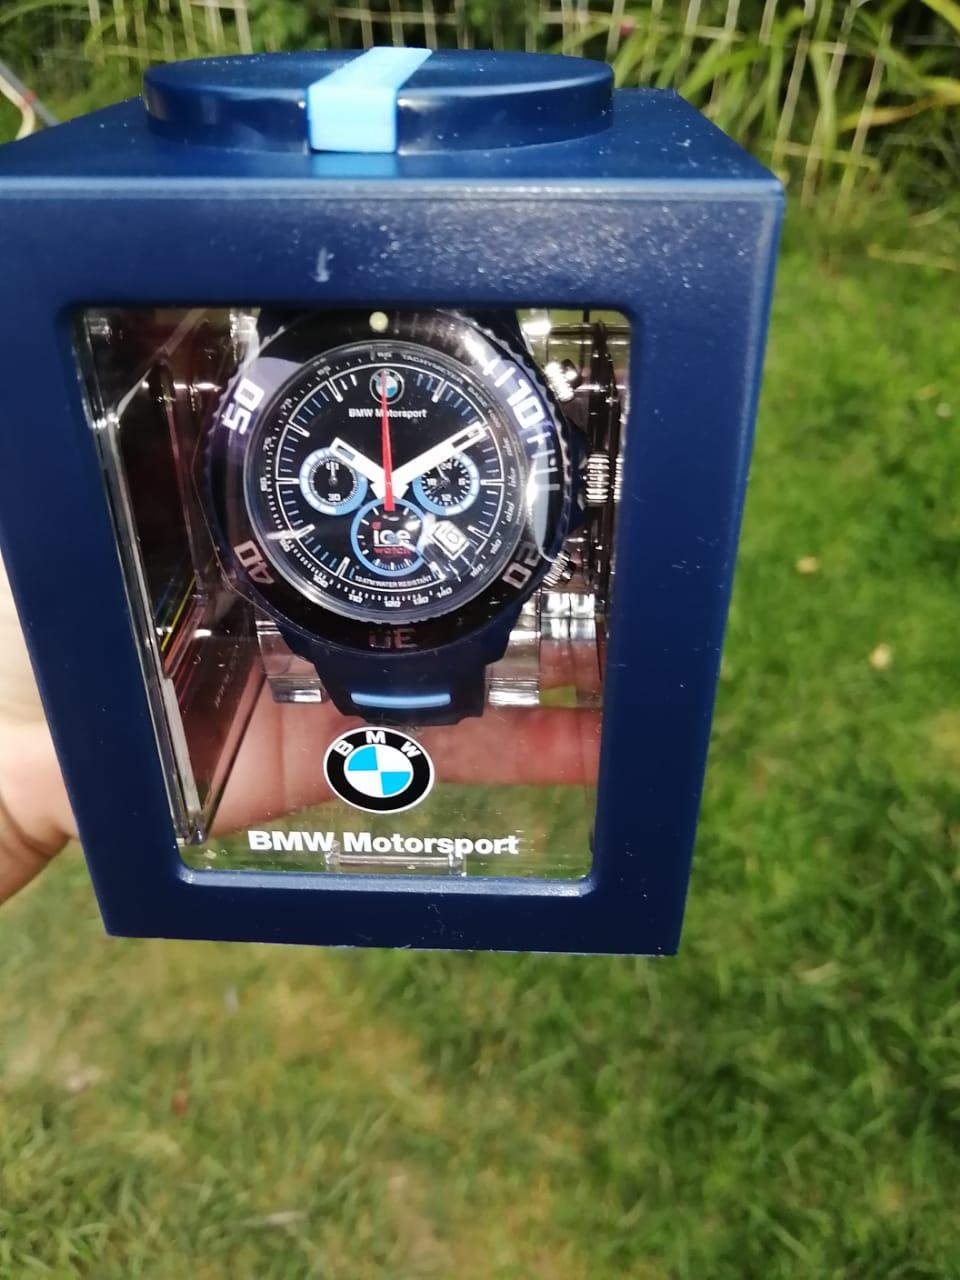 Bmw motorsport ice watch s